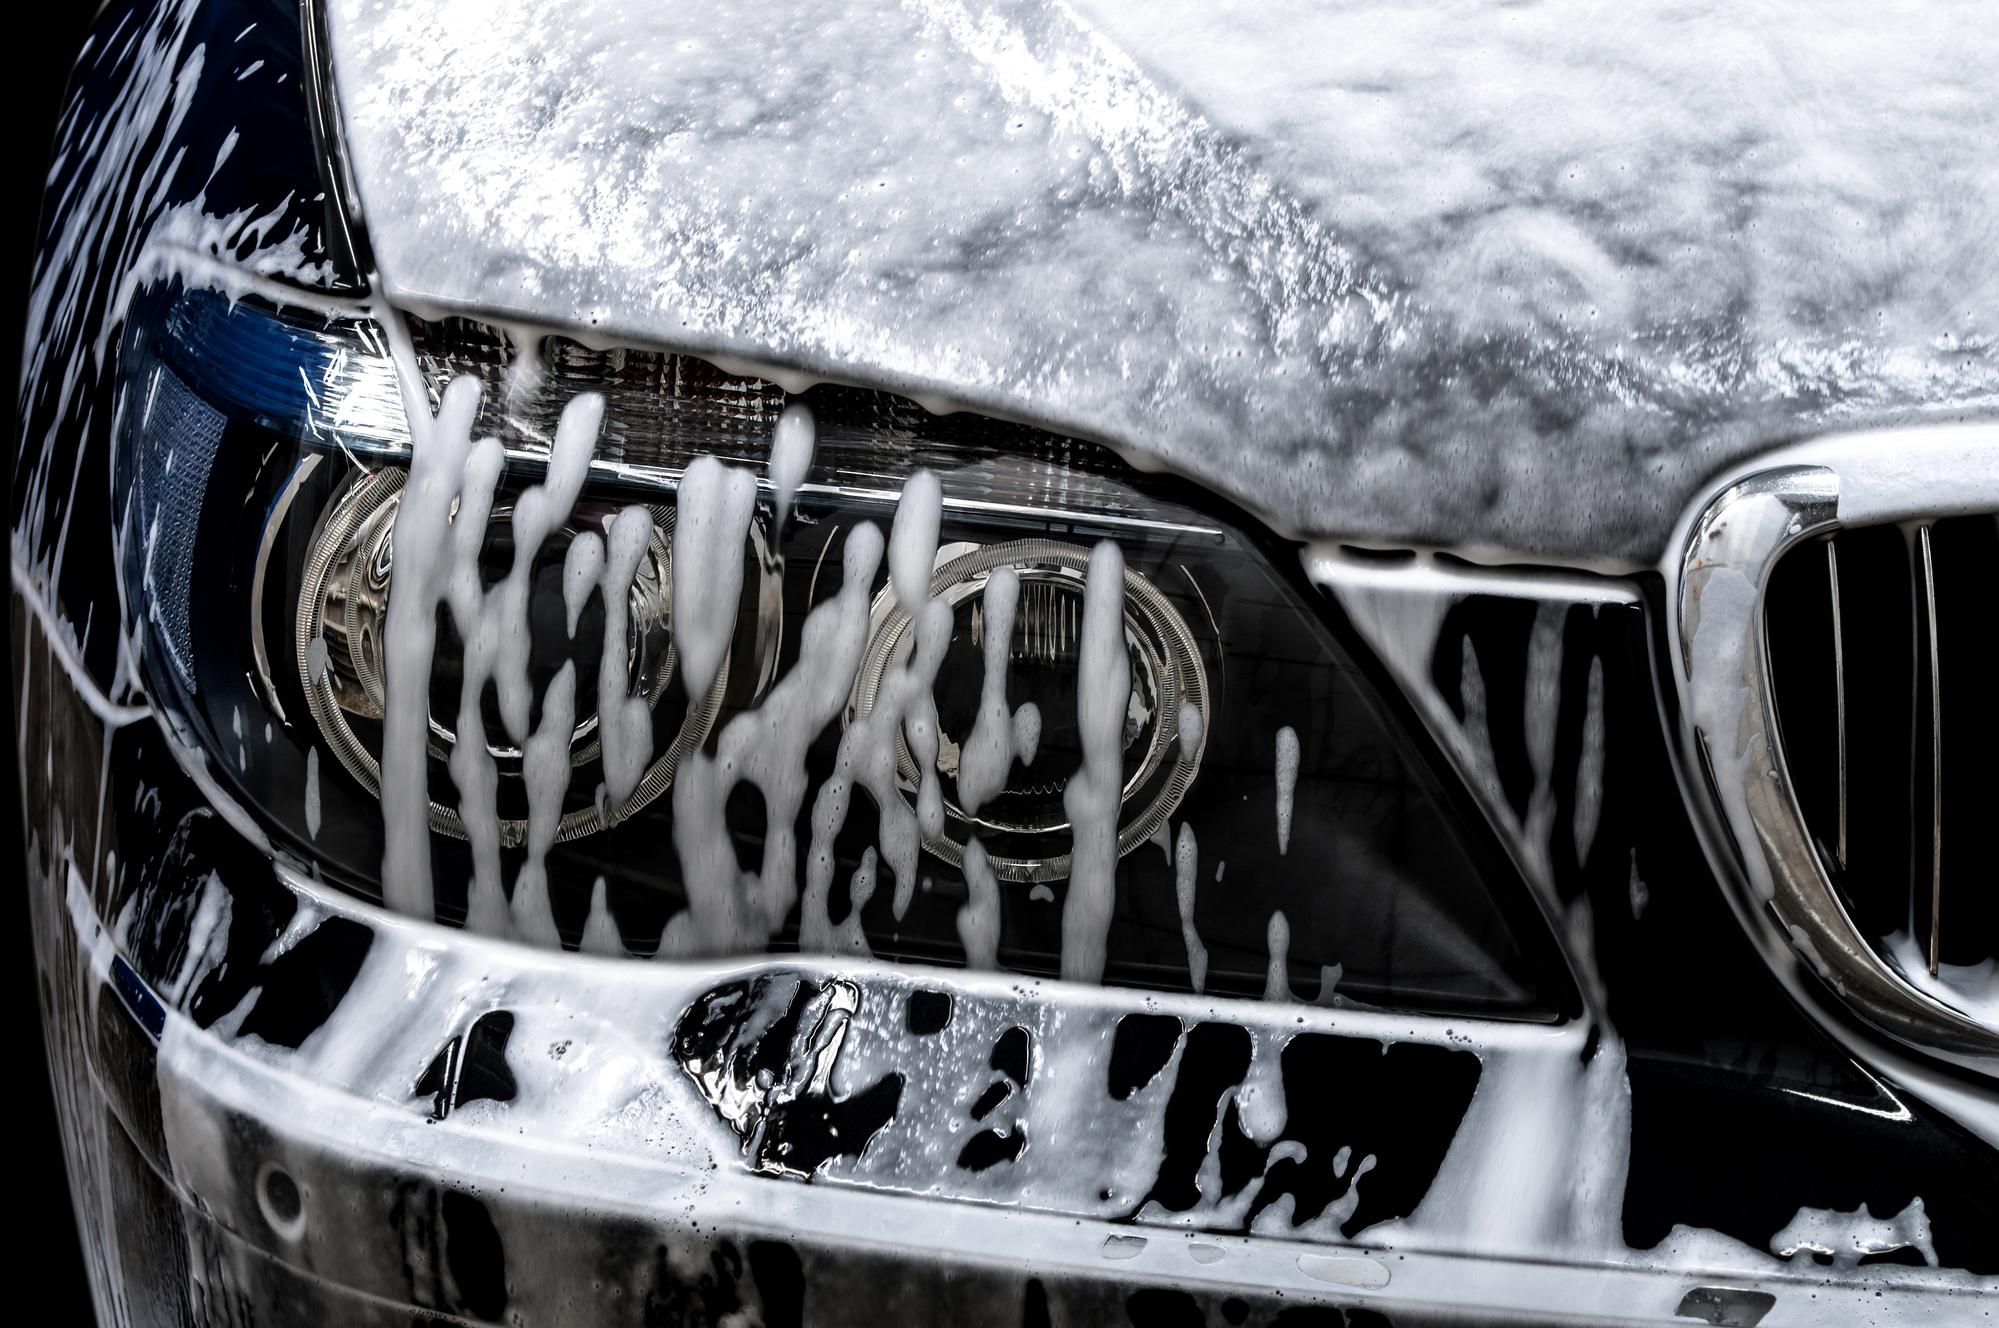 wasstraat-carwash-auto-wassen